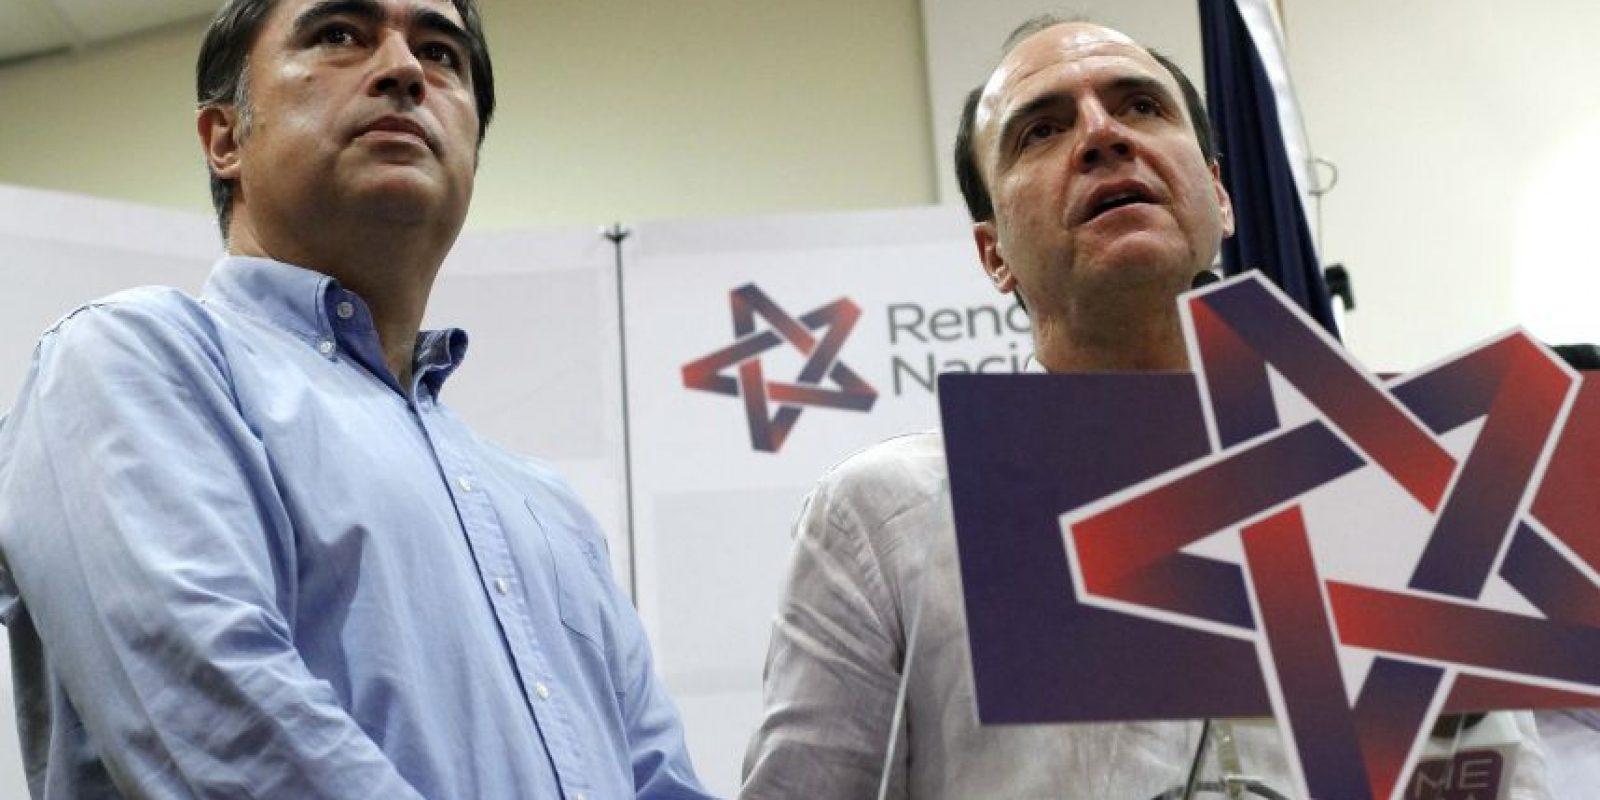 """Varios partidos comenzaron campañas de reinscripción en mayo de 2016. Desde RN iniciaron esta semana la campaña digital """"Chile RNace"""", como iniciativa para reforzar todo el trabajo ya realizado durante el año. Ya llevan poco más de 8.000 militantes reinscritos. Foto:Agencia Uno. Imagen Por:"""